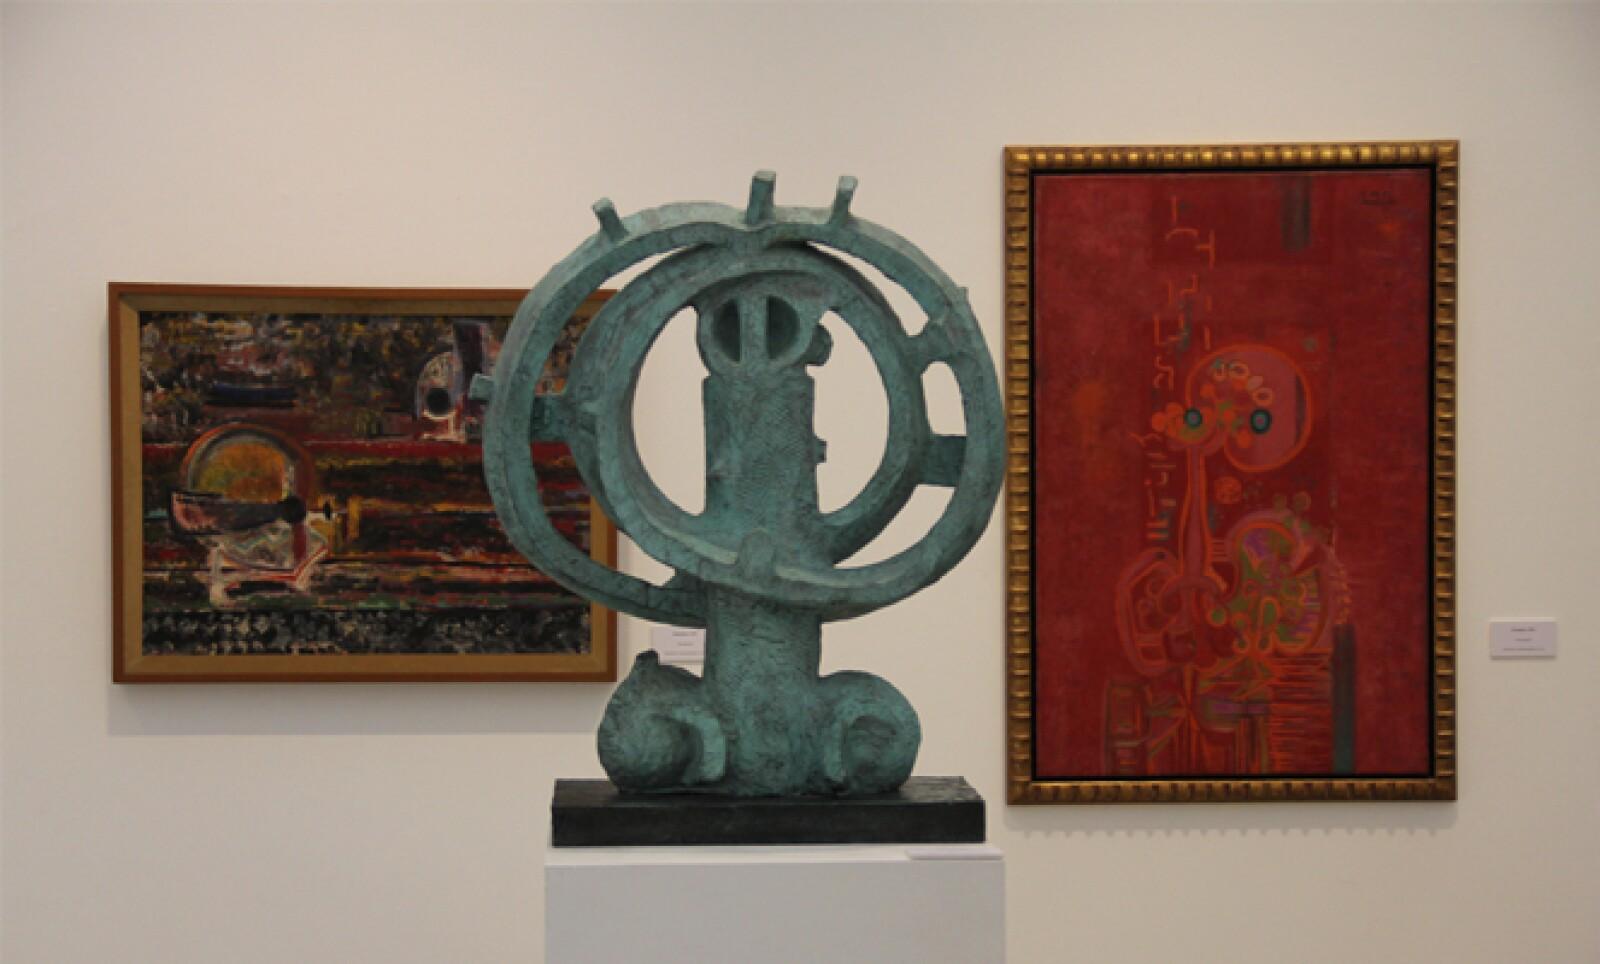 De las 30 obras en exhibición, 26 pertenecen a la colección de la Fundación Juan Soriano y Marek Keller.